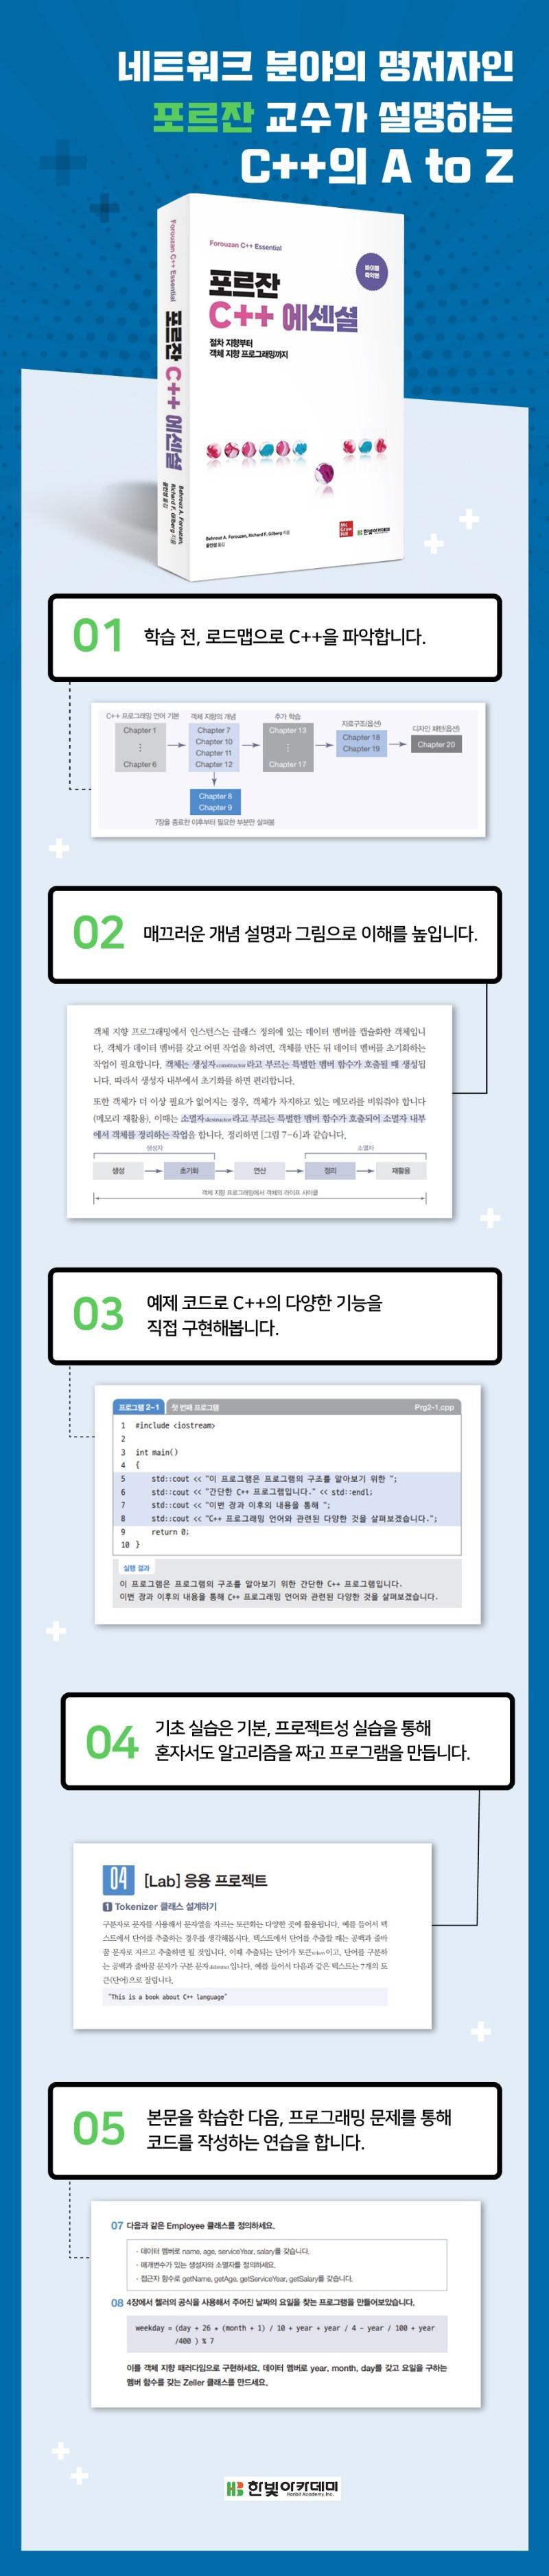 한빛아카데미_포르잔C++에센셜_도서소개.jpg